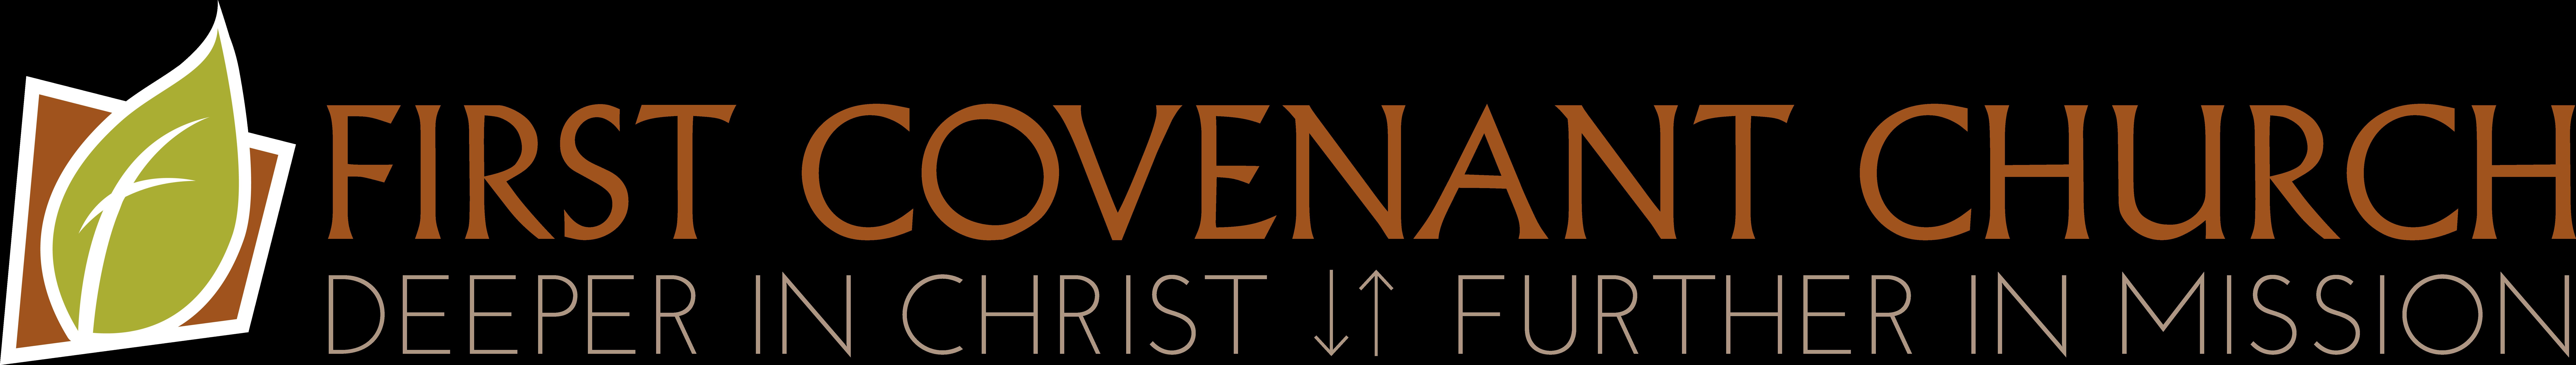 Kaldi logo